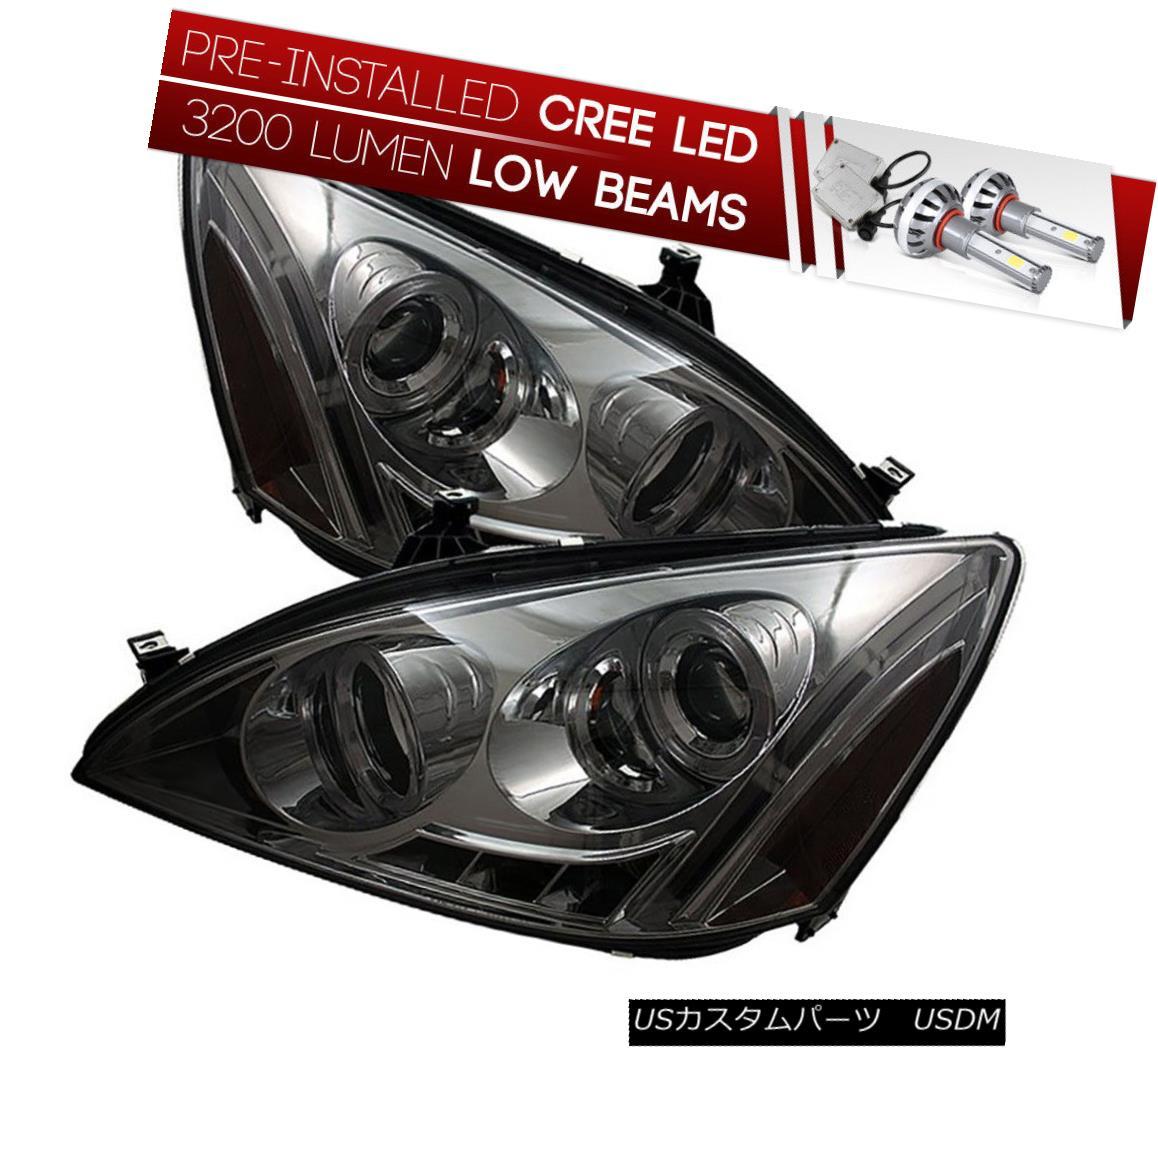 ヘッドライト [CREE LED Bulb Installed]03-07 Honda Accord Smoked Dual Halo Projector Headlight [CREE LED Bulb Installed] 03-0  7ホンダアコードスモークデュアルハロープロジェクターヘッドライト